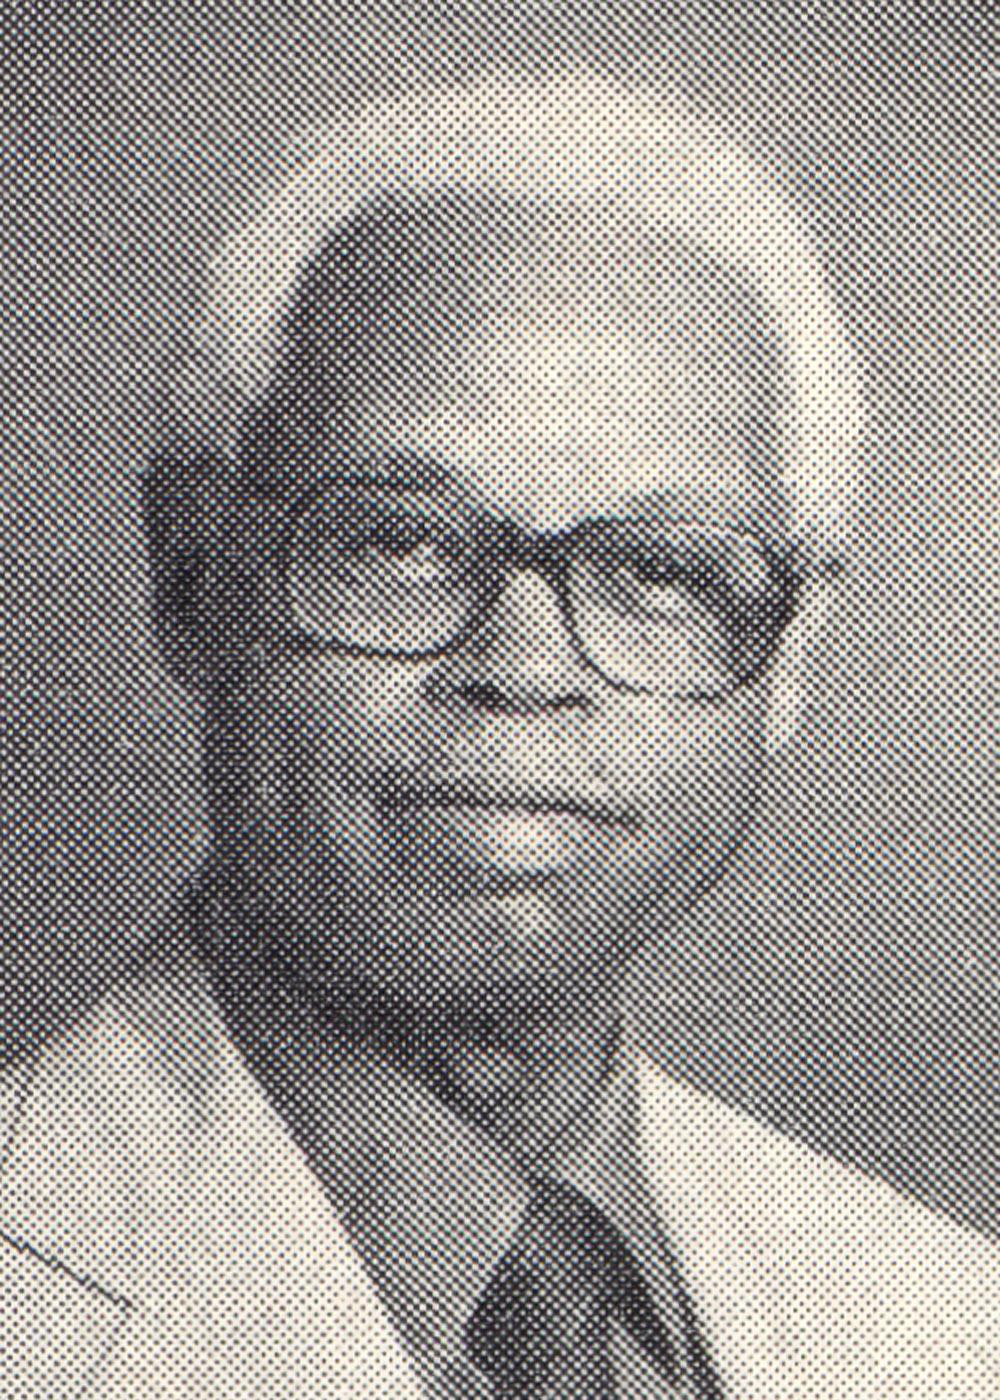 Rev. John Boone